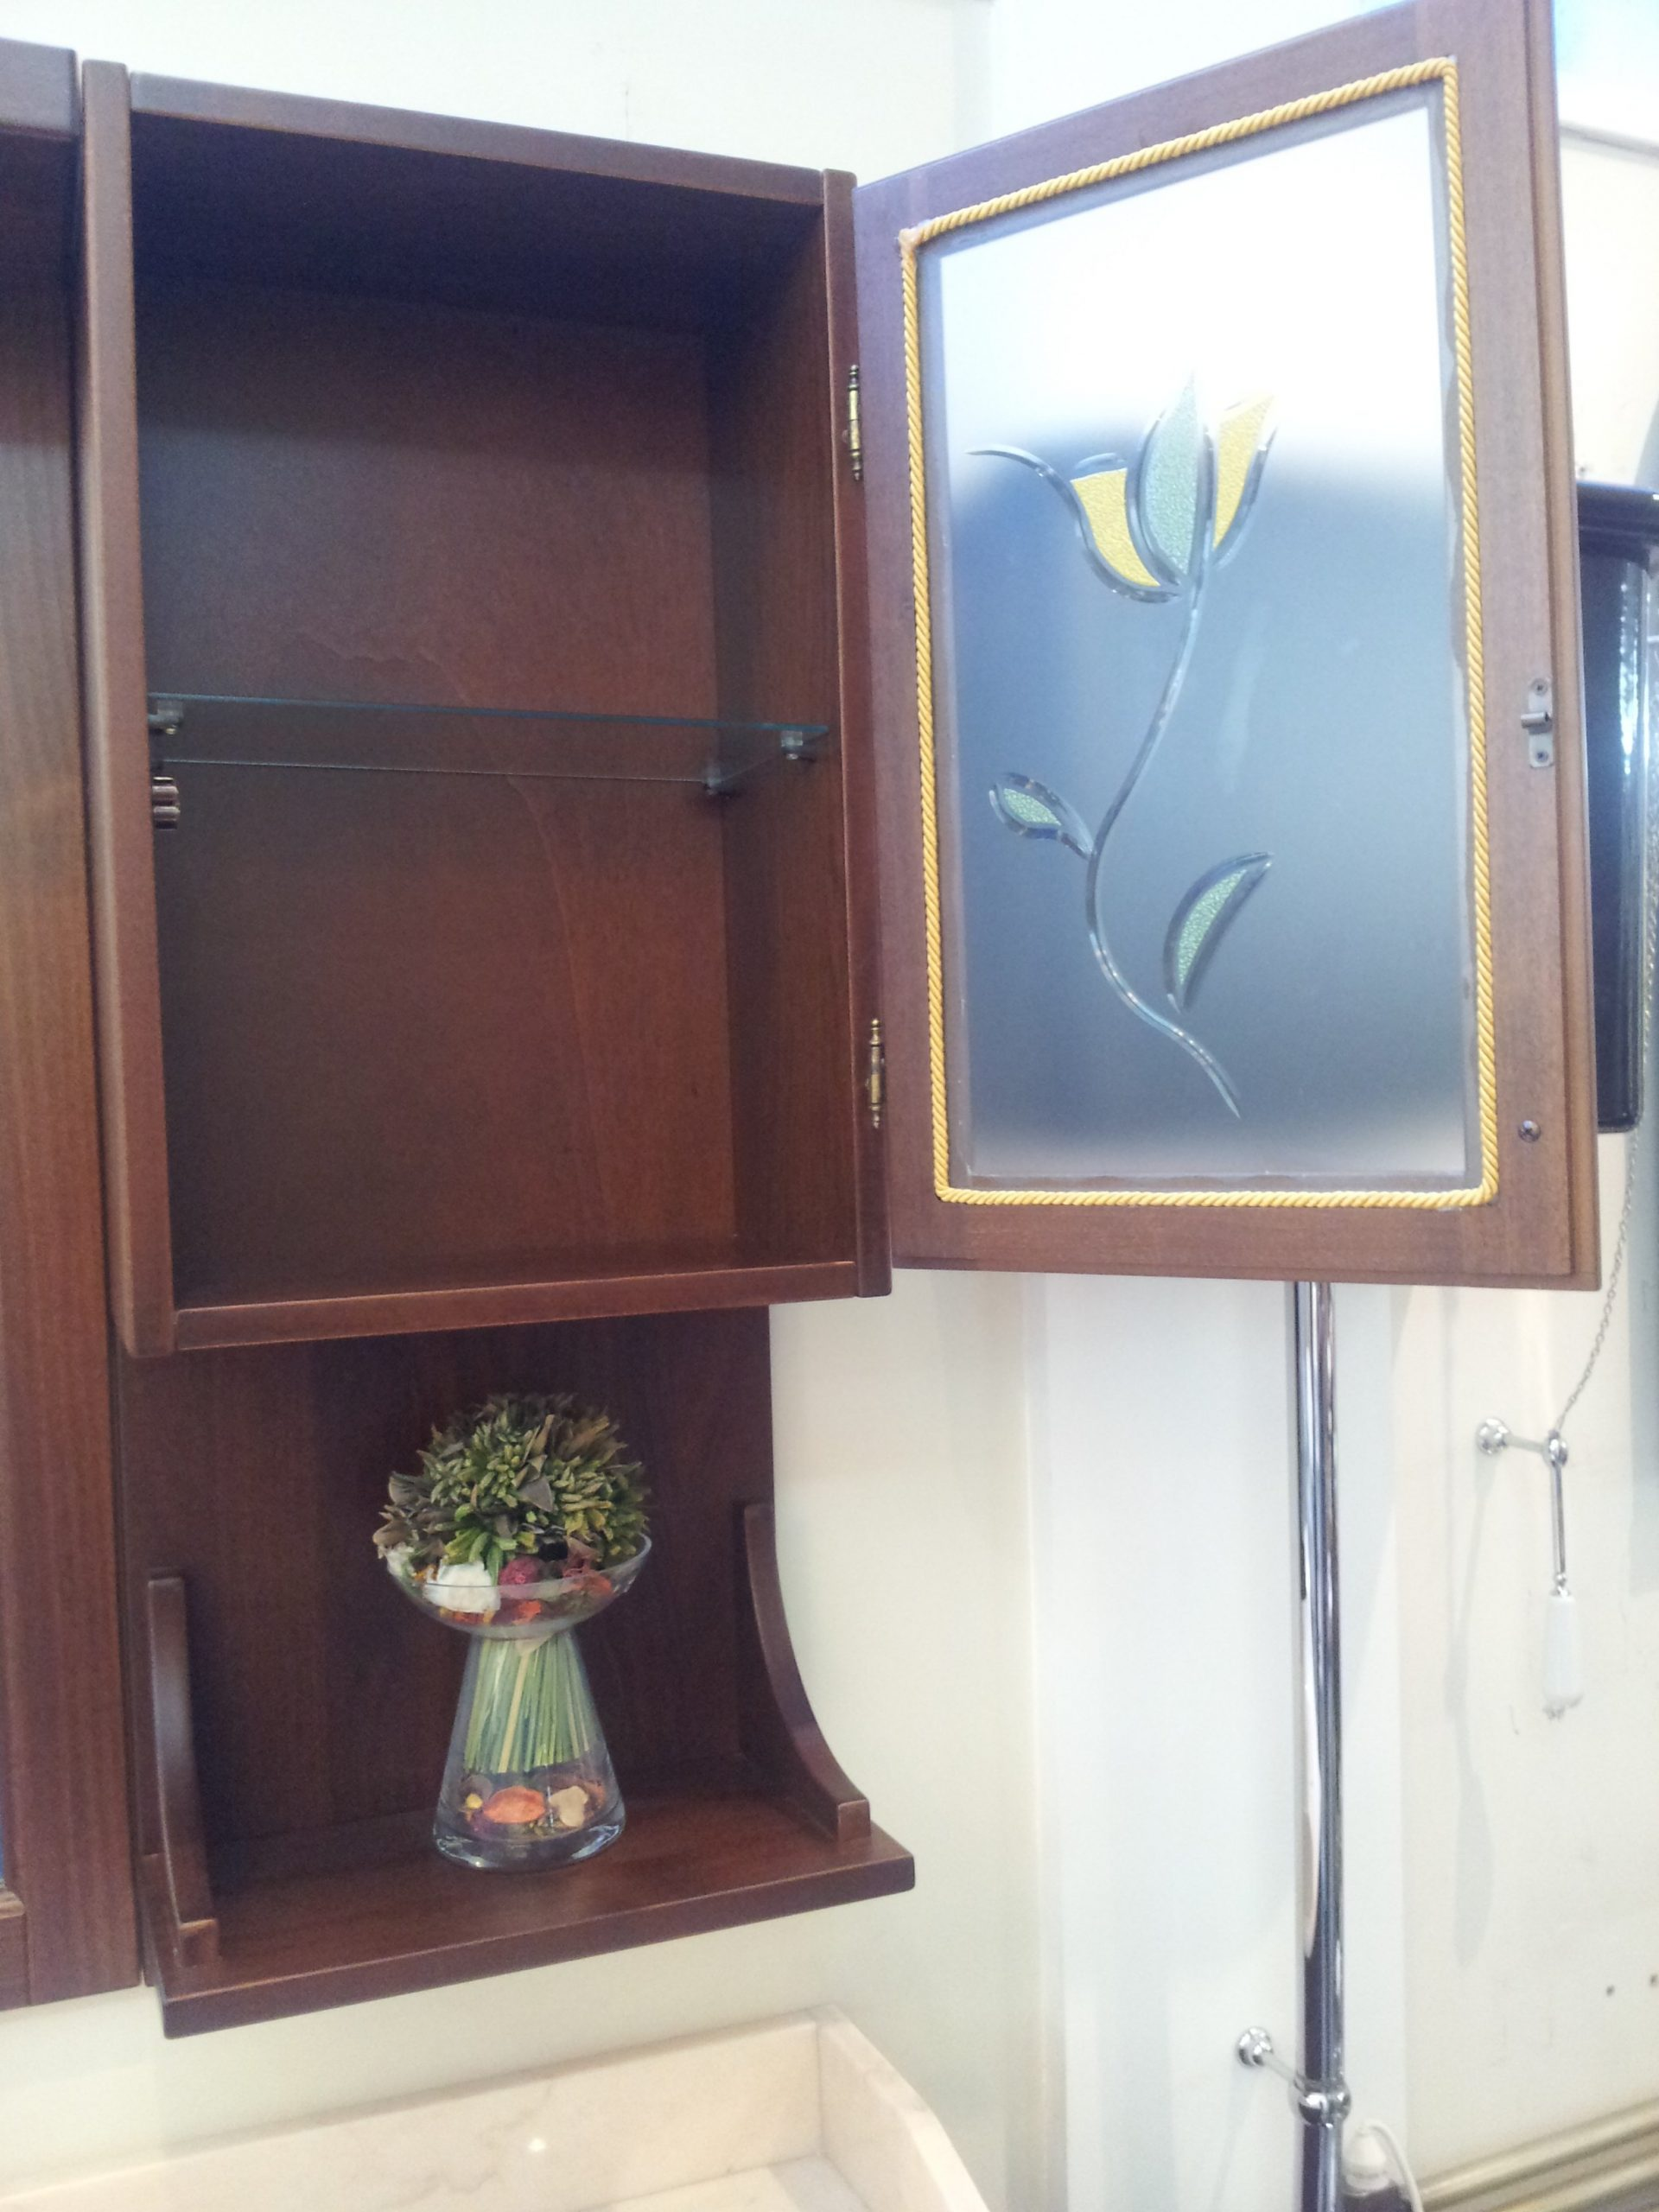 Комплект мебели фабрики Garofoli, модель KARUN. Массив дерева. Цвет - темный орех.